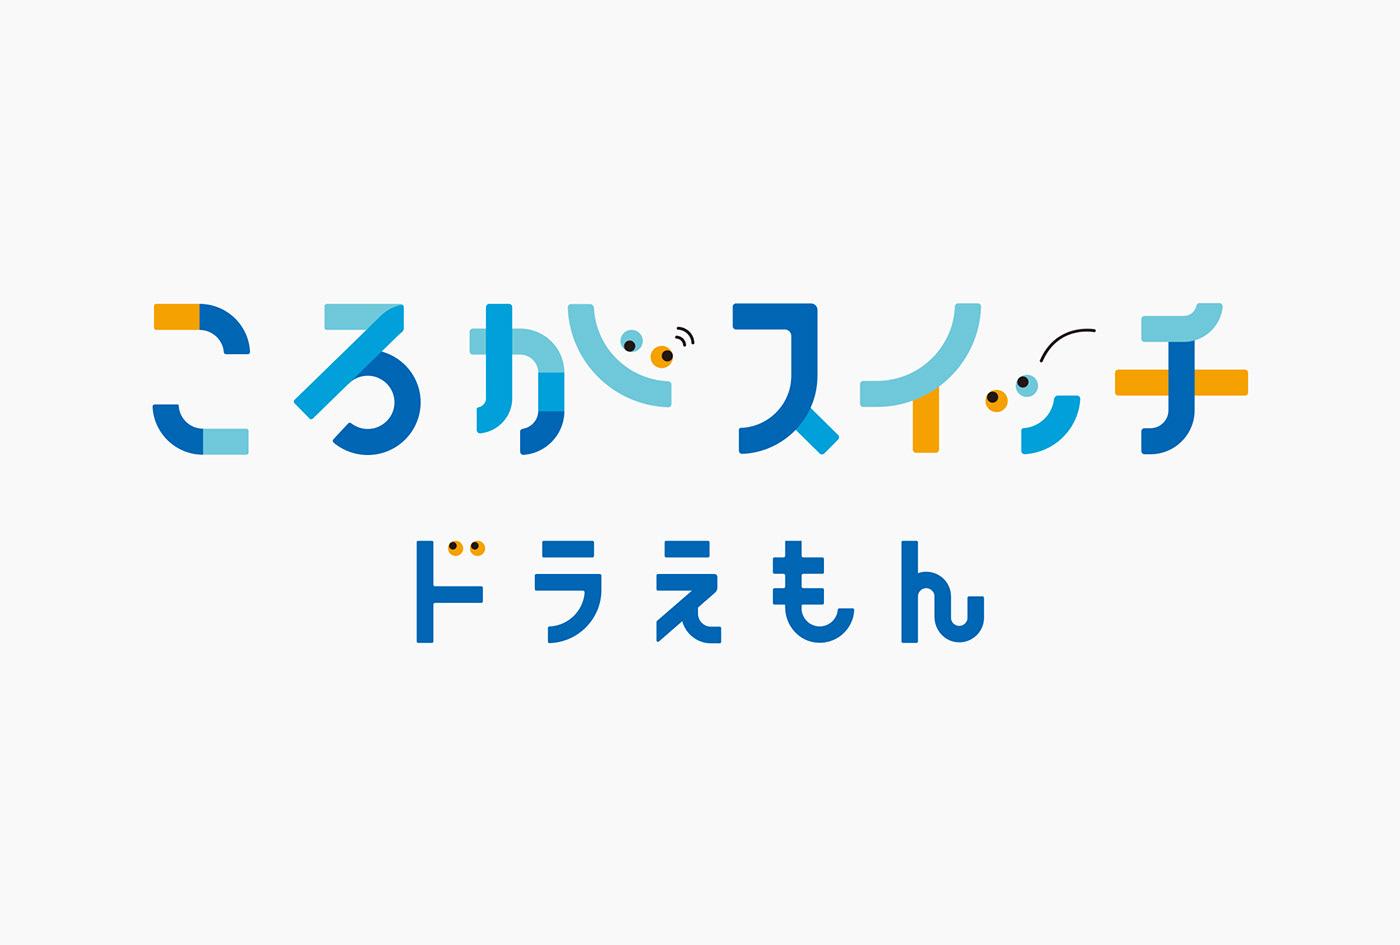 block blue Doraemon Hiragana japanese Logotype Packaging toy typography